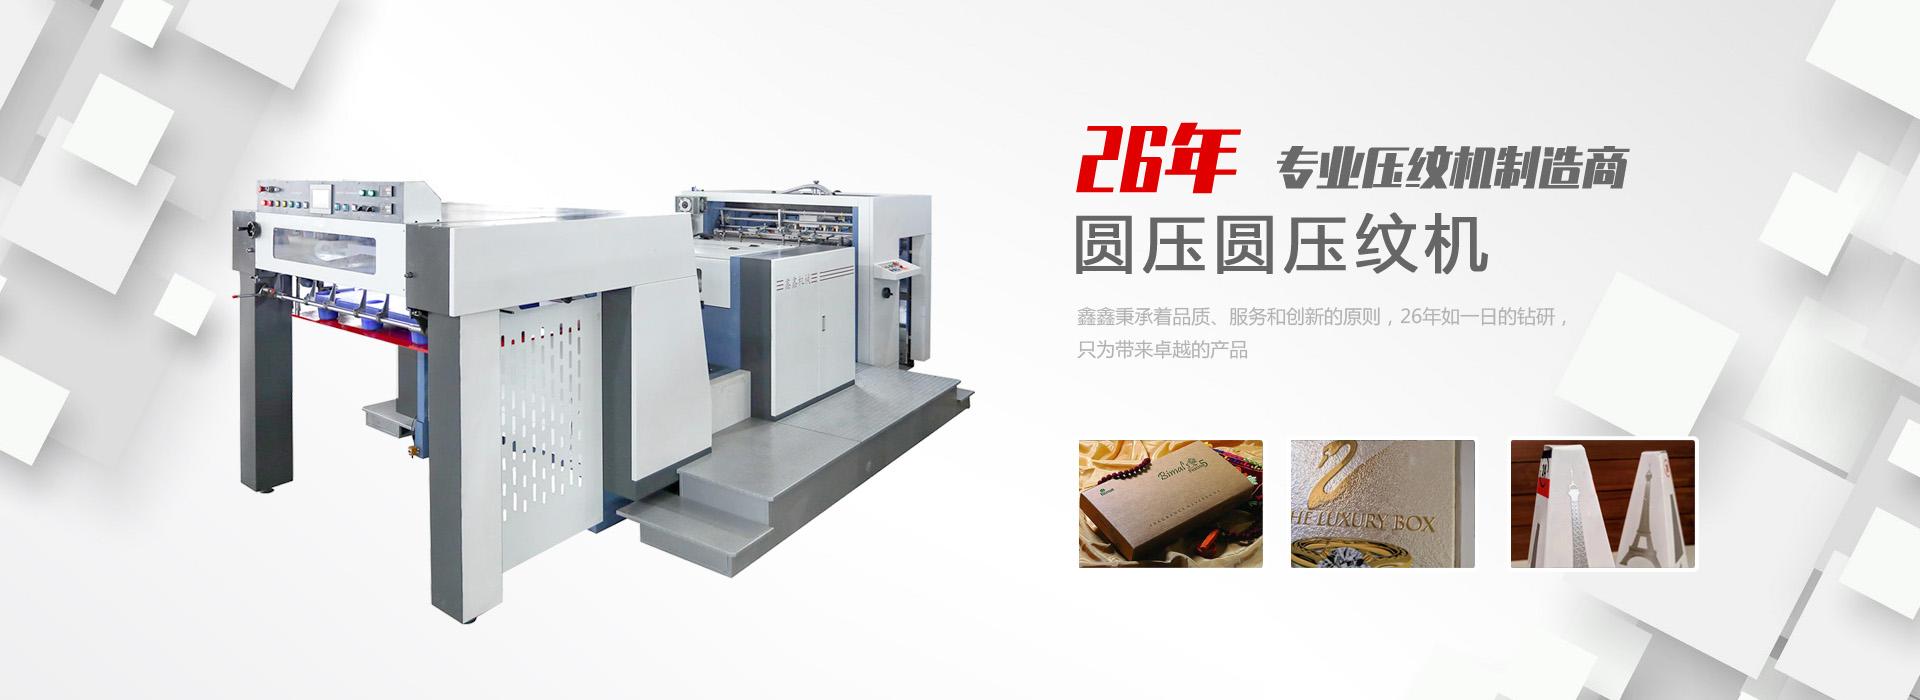 紙張壓紋機